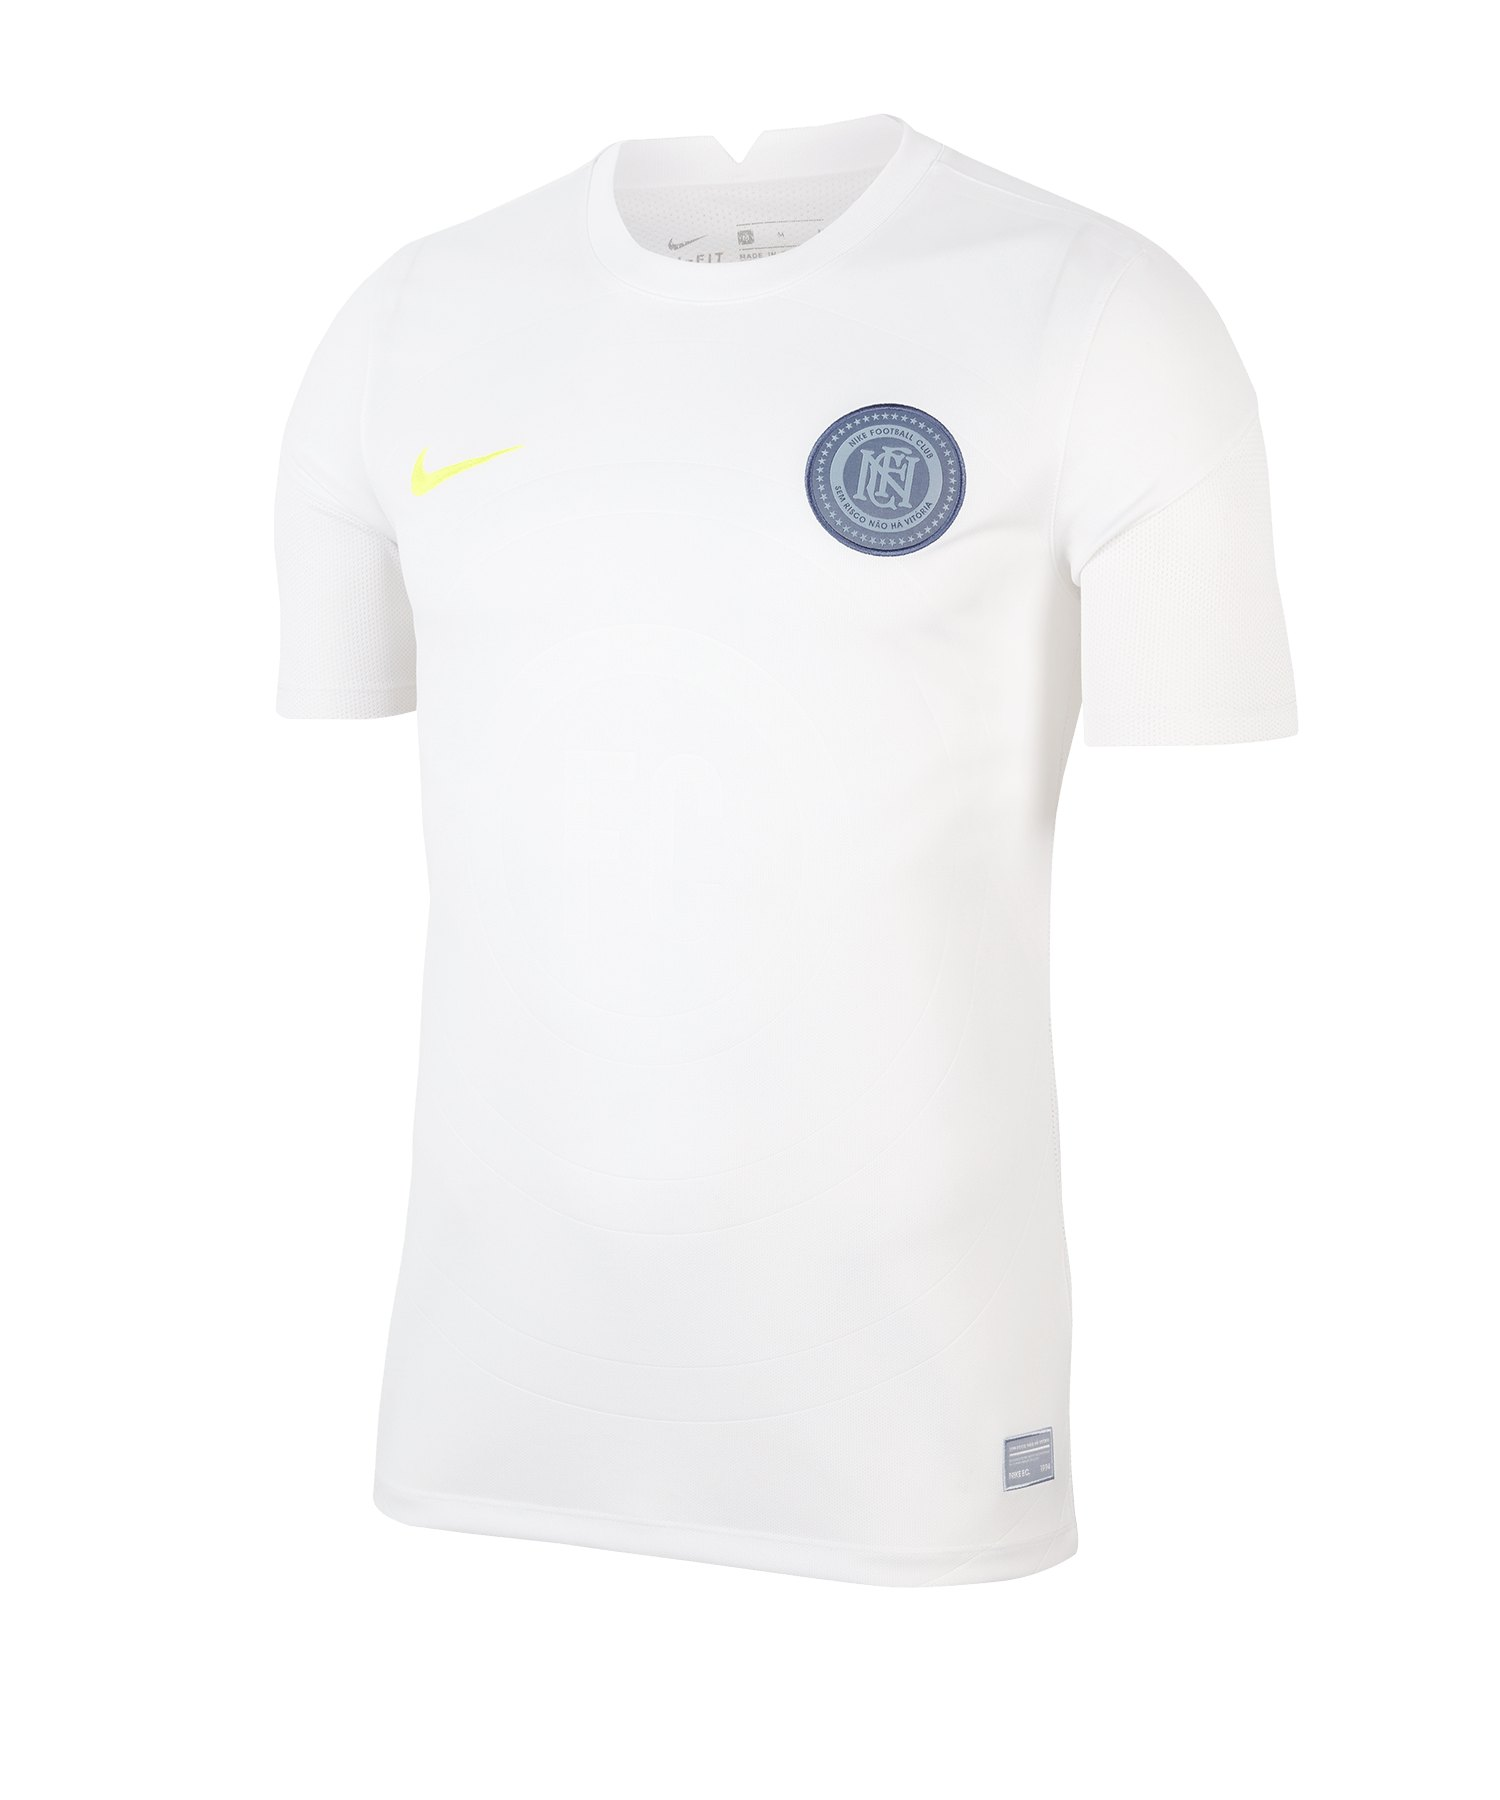 Nike F.C. Trainingsshirt Home Weiss F100 - weiss